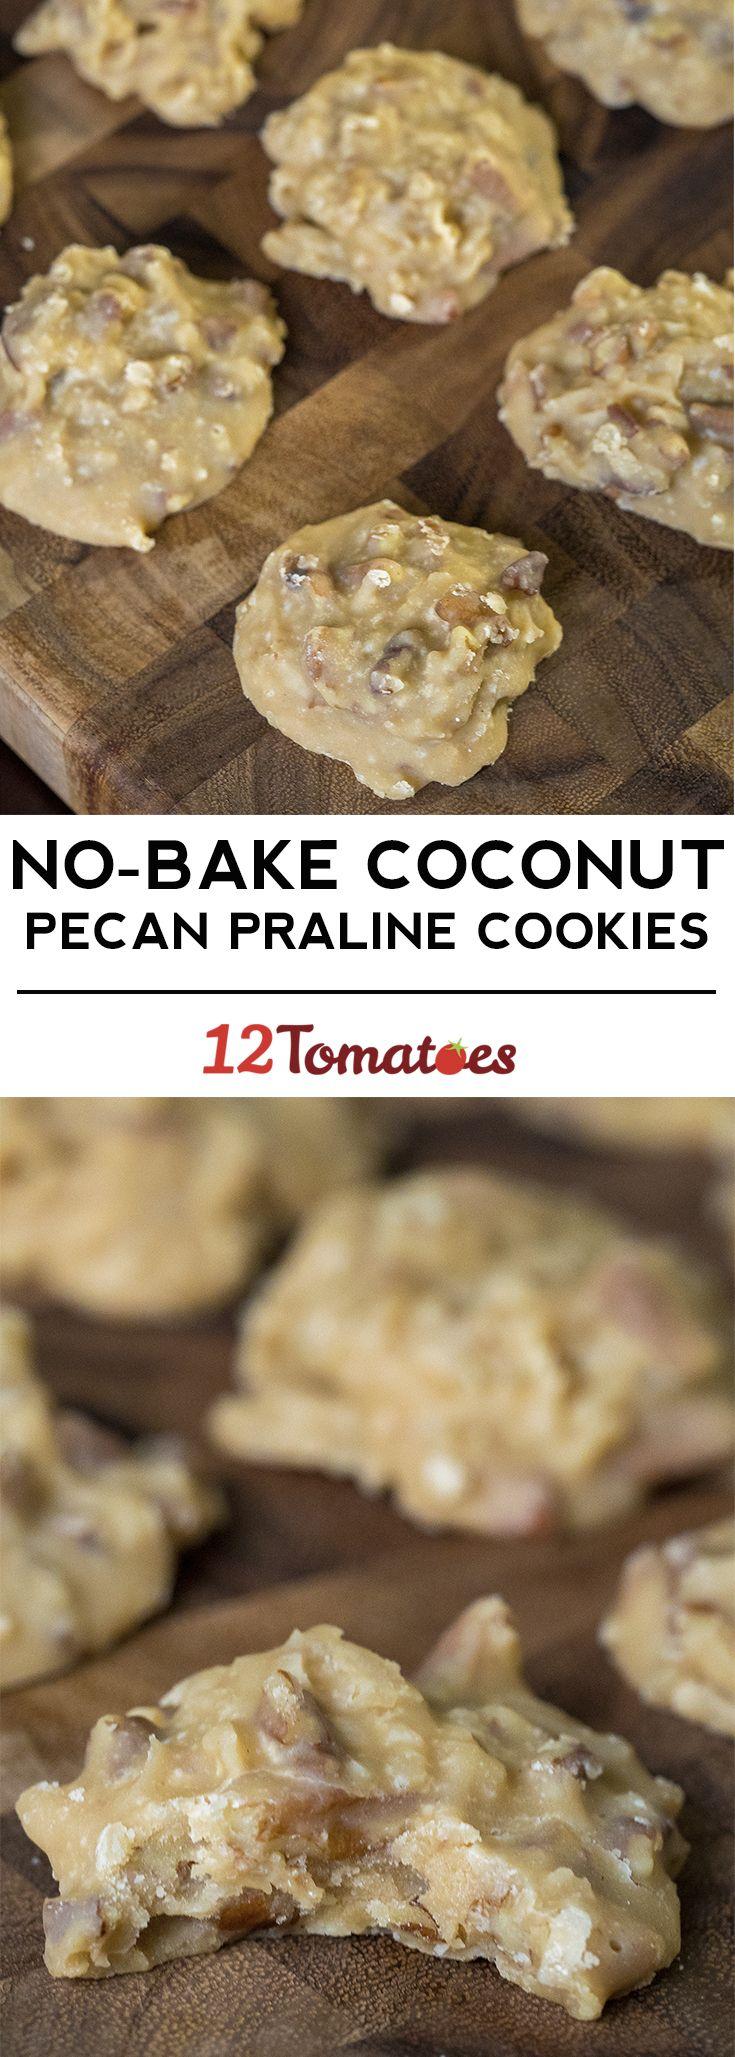 Coconut Pecan Praline Cookies